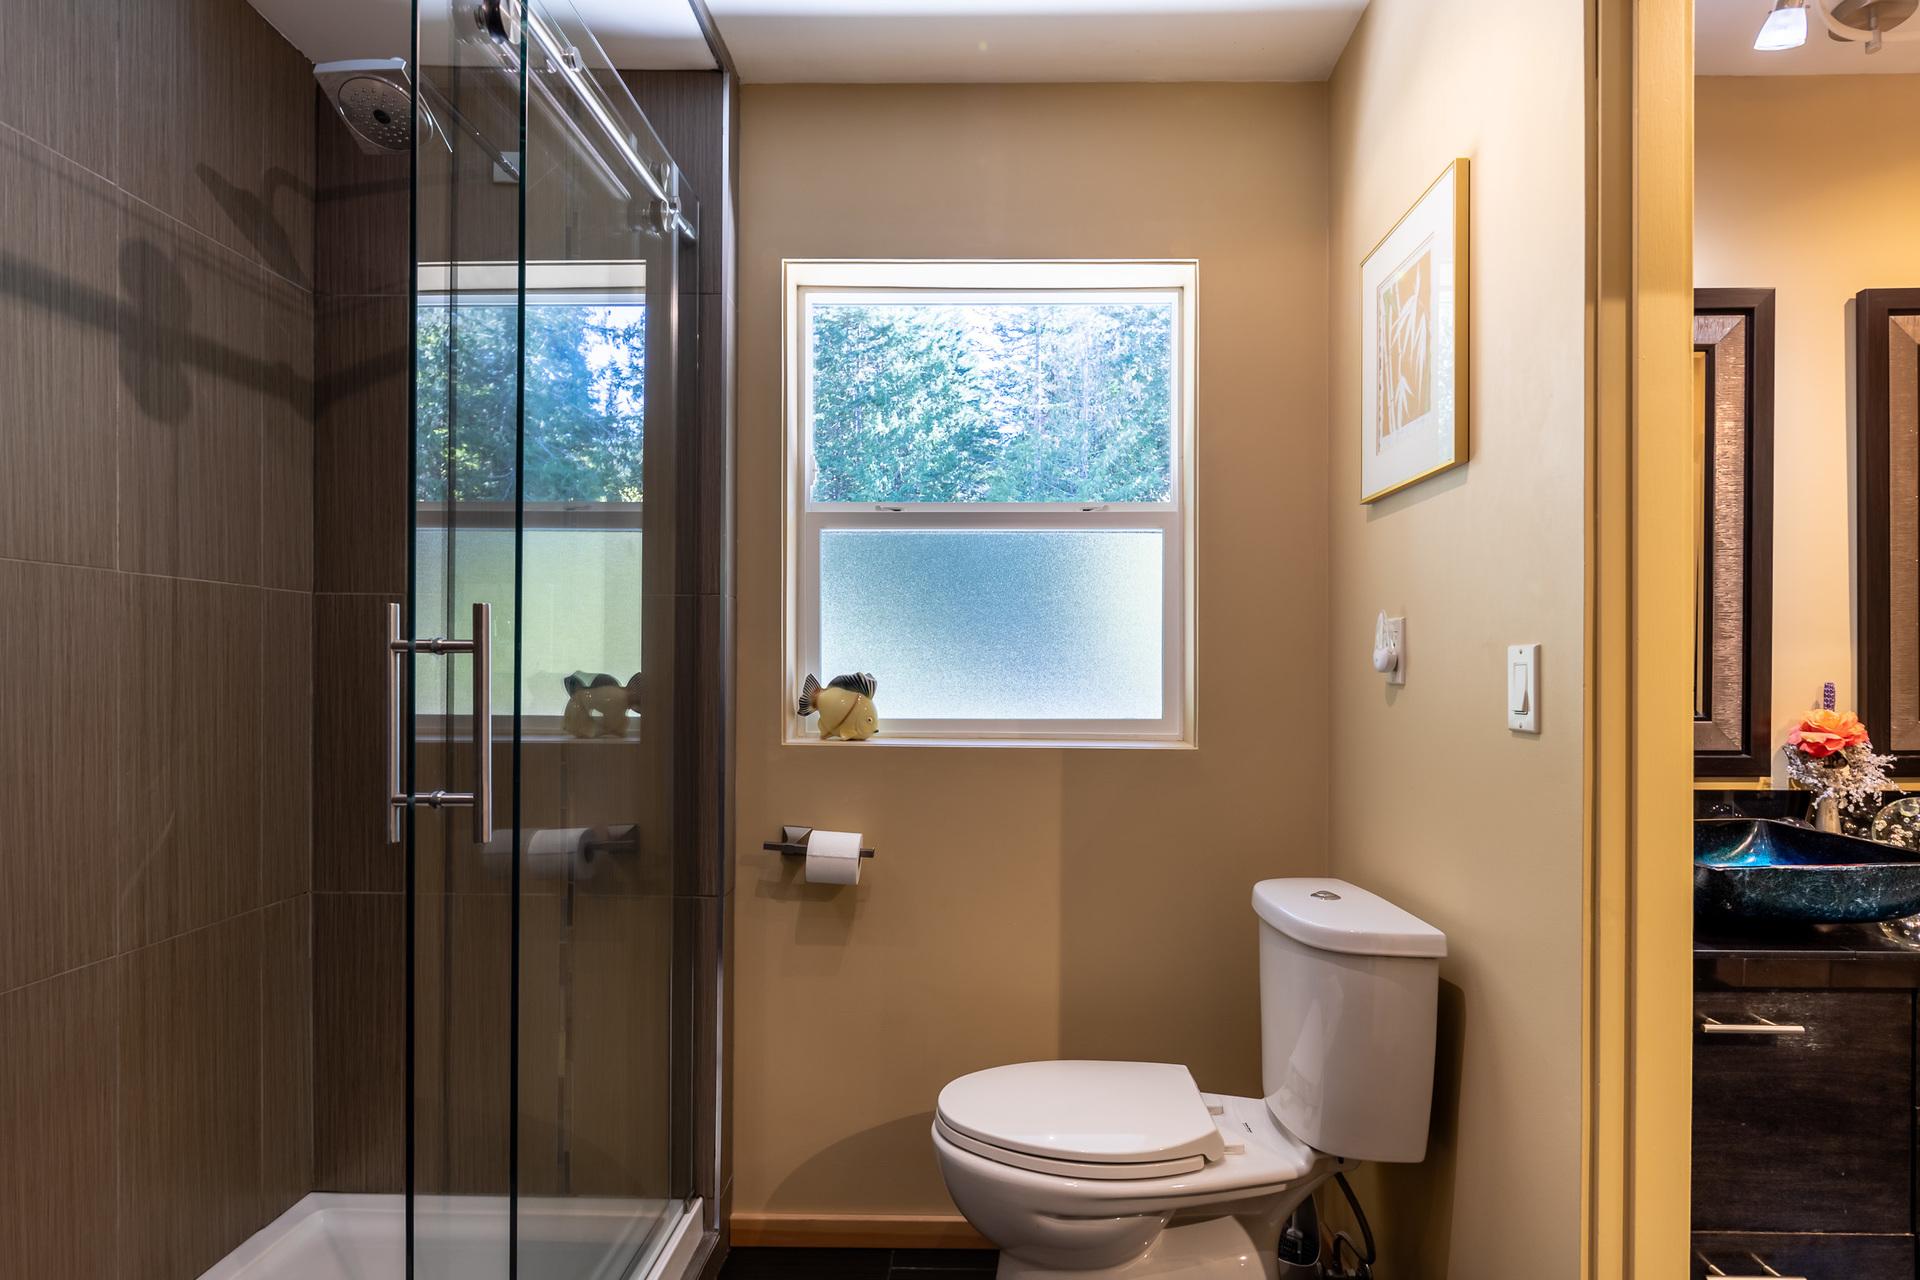 First Master Suite Bathroom at 5101 Island Highway West, Qualicum Beach, Zone 05 - Parksville/Qualicum